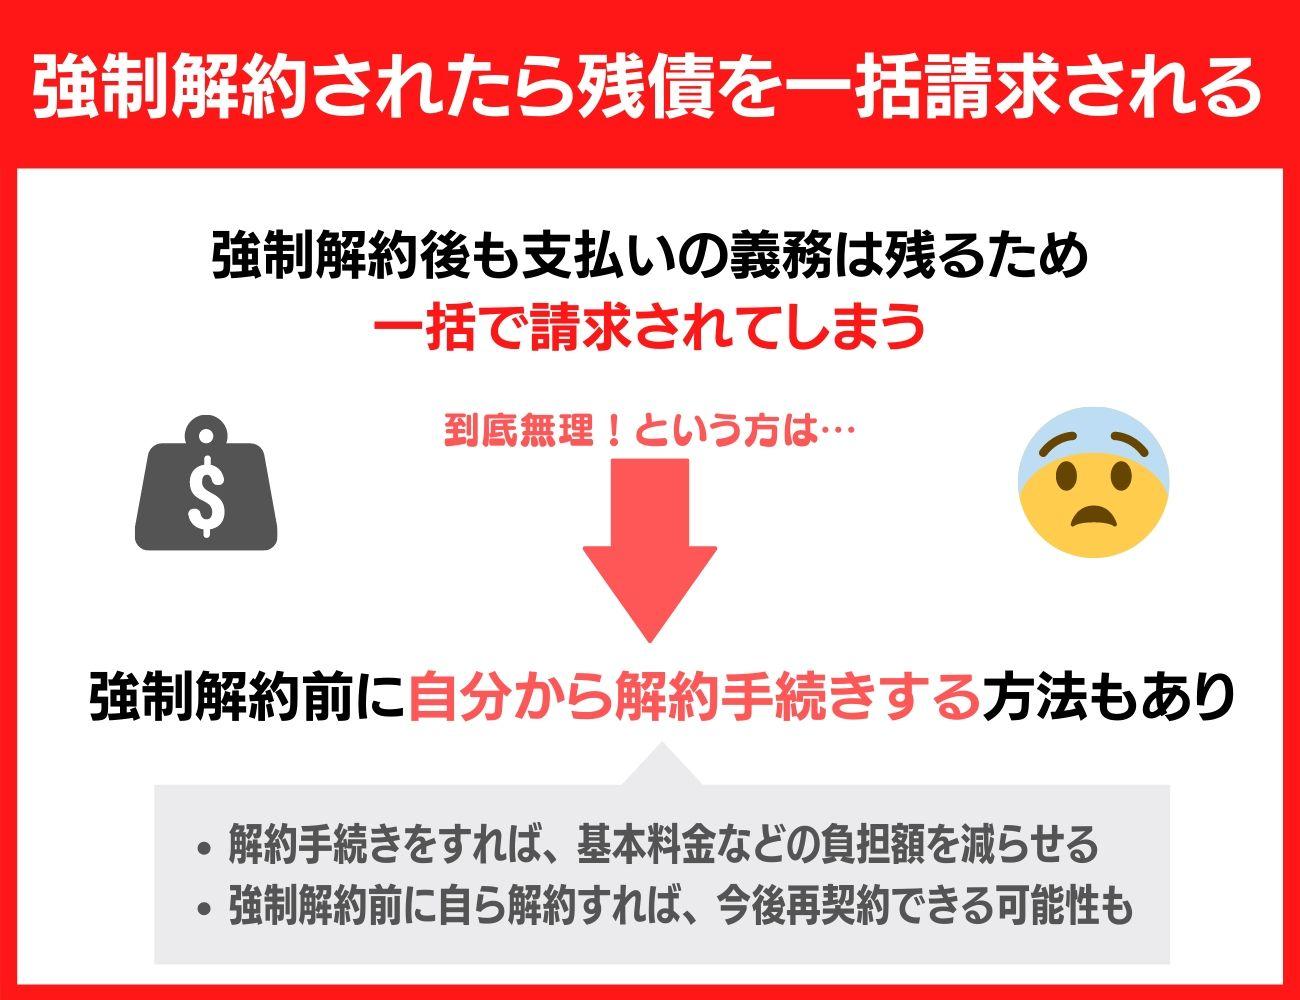 ドコモを強制解約された場合は残債を一括で請求される